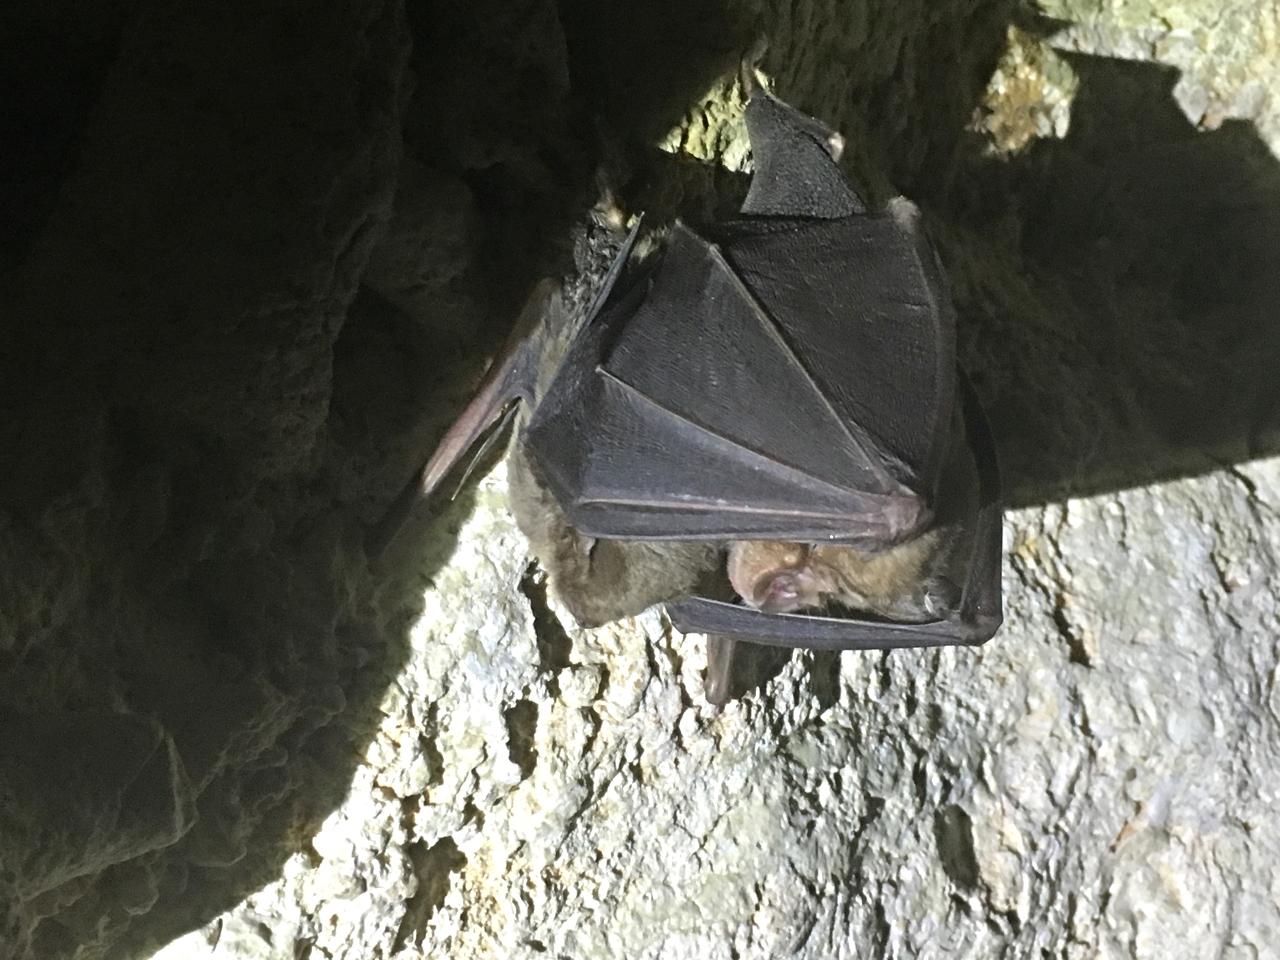 Greater Horseshoe Bat 'shielding' a Schreiber's Bat